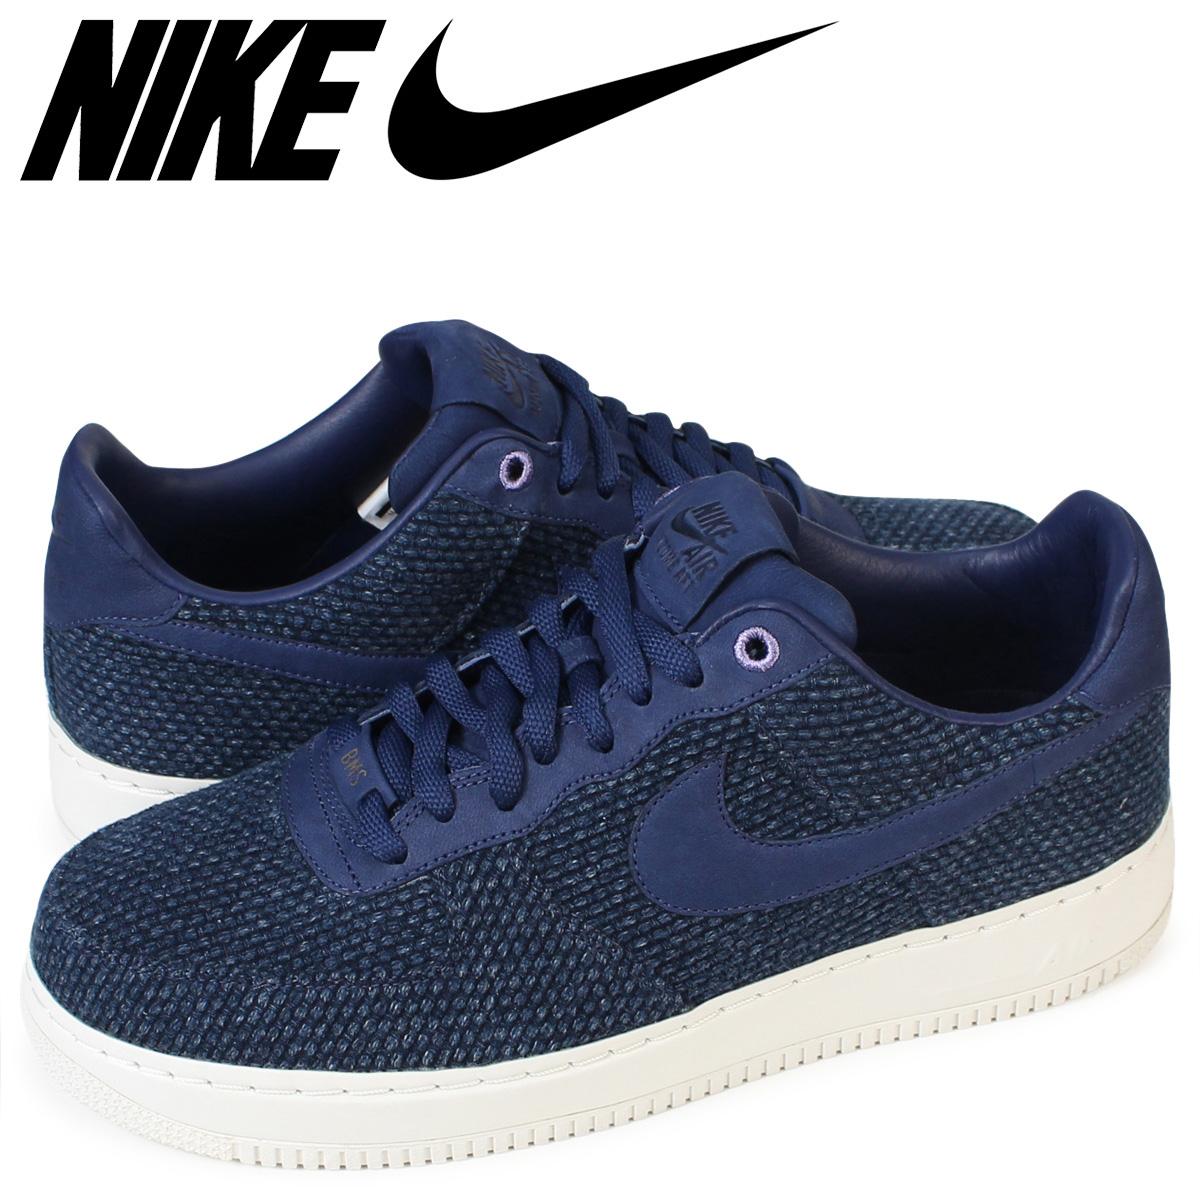 Force 1 Air Low Sneakers Online Shop Sugar Nike RnTXFqIP